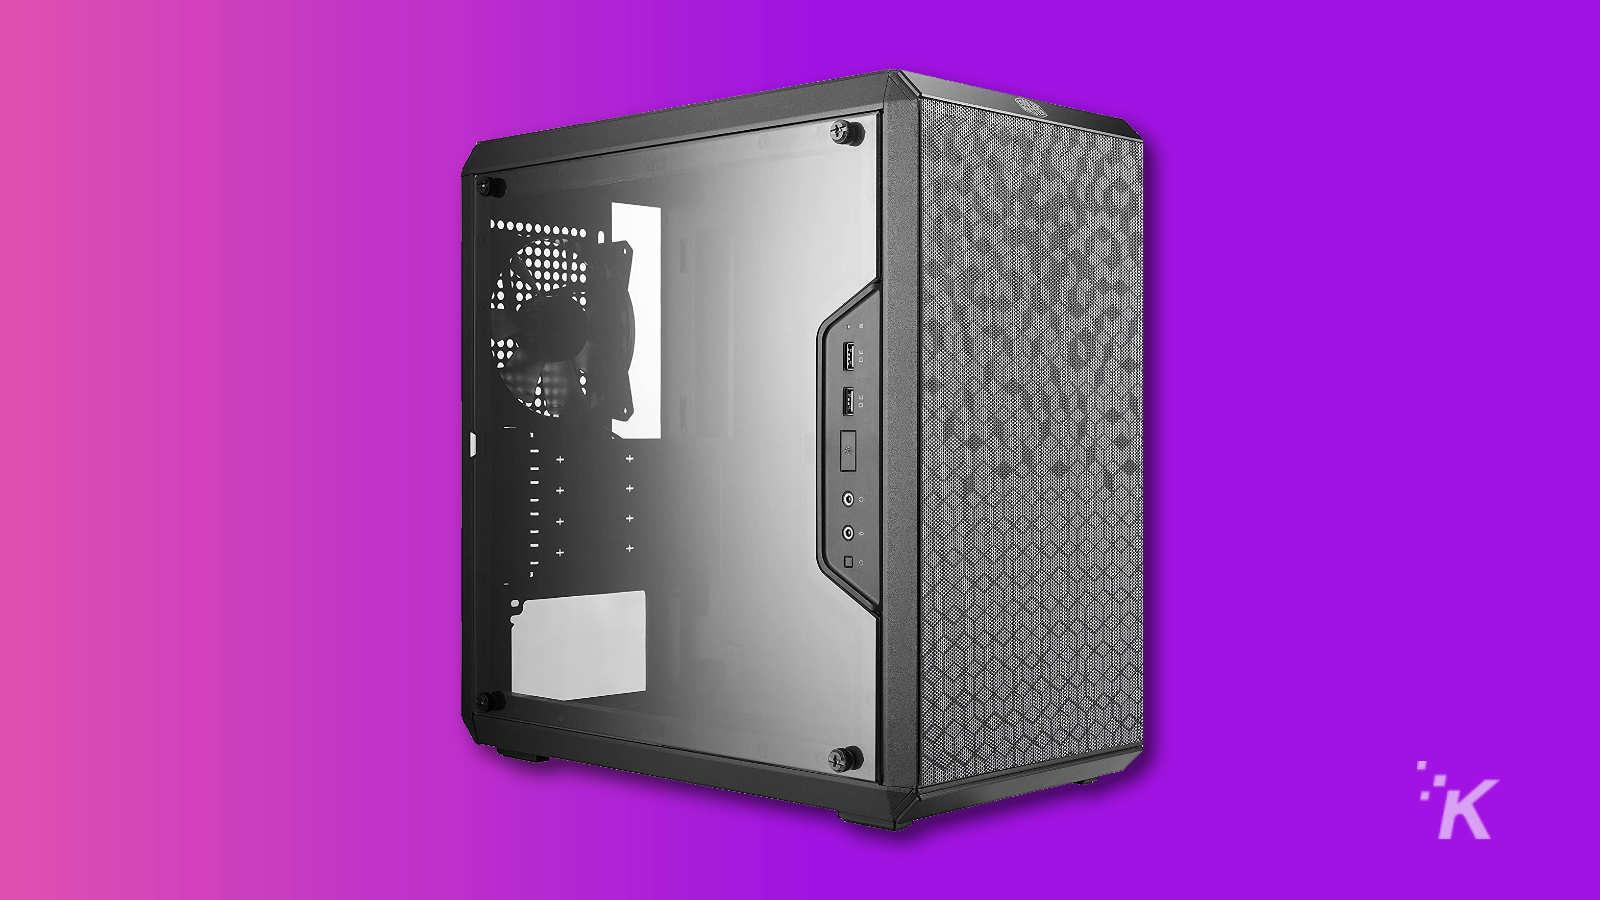 coolermaster masterbox q300l pc case